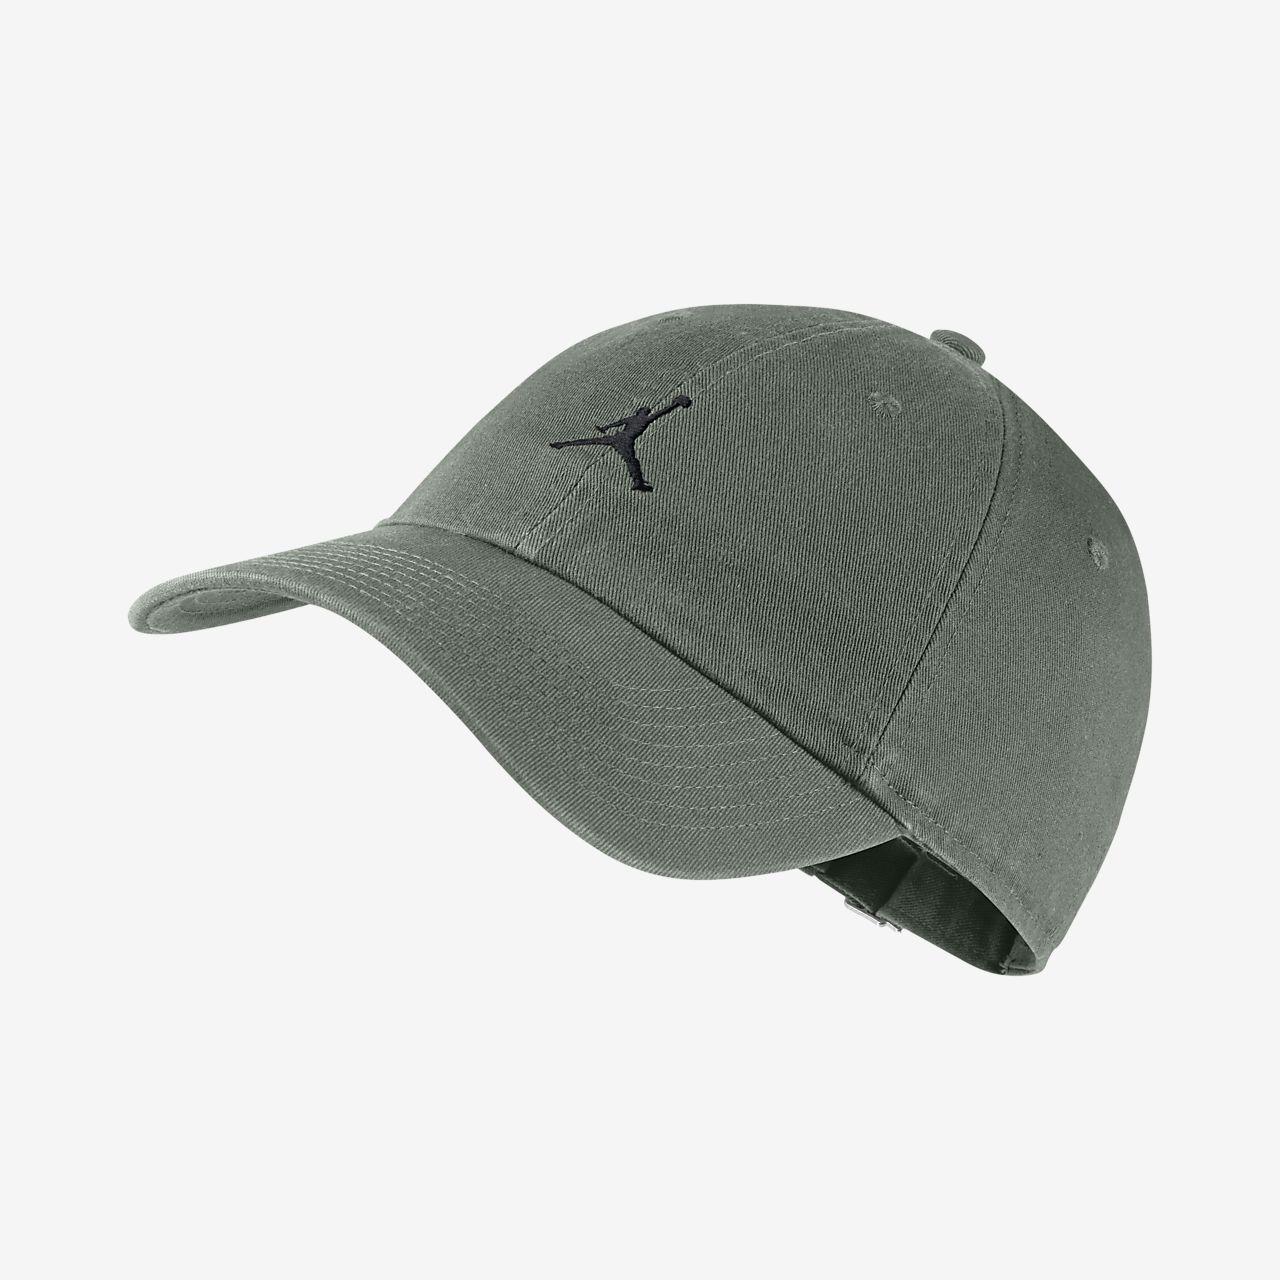 44e9d65e004797 Jordan Jumpman Heritage 86 Adjustable Hat. Nike.com BE